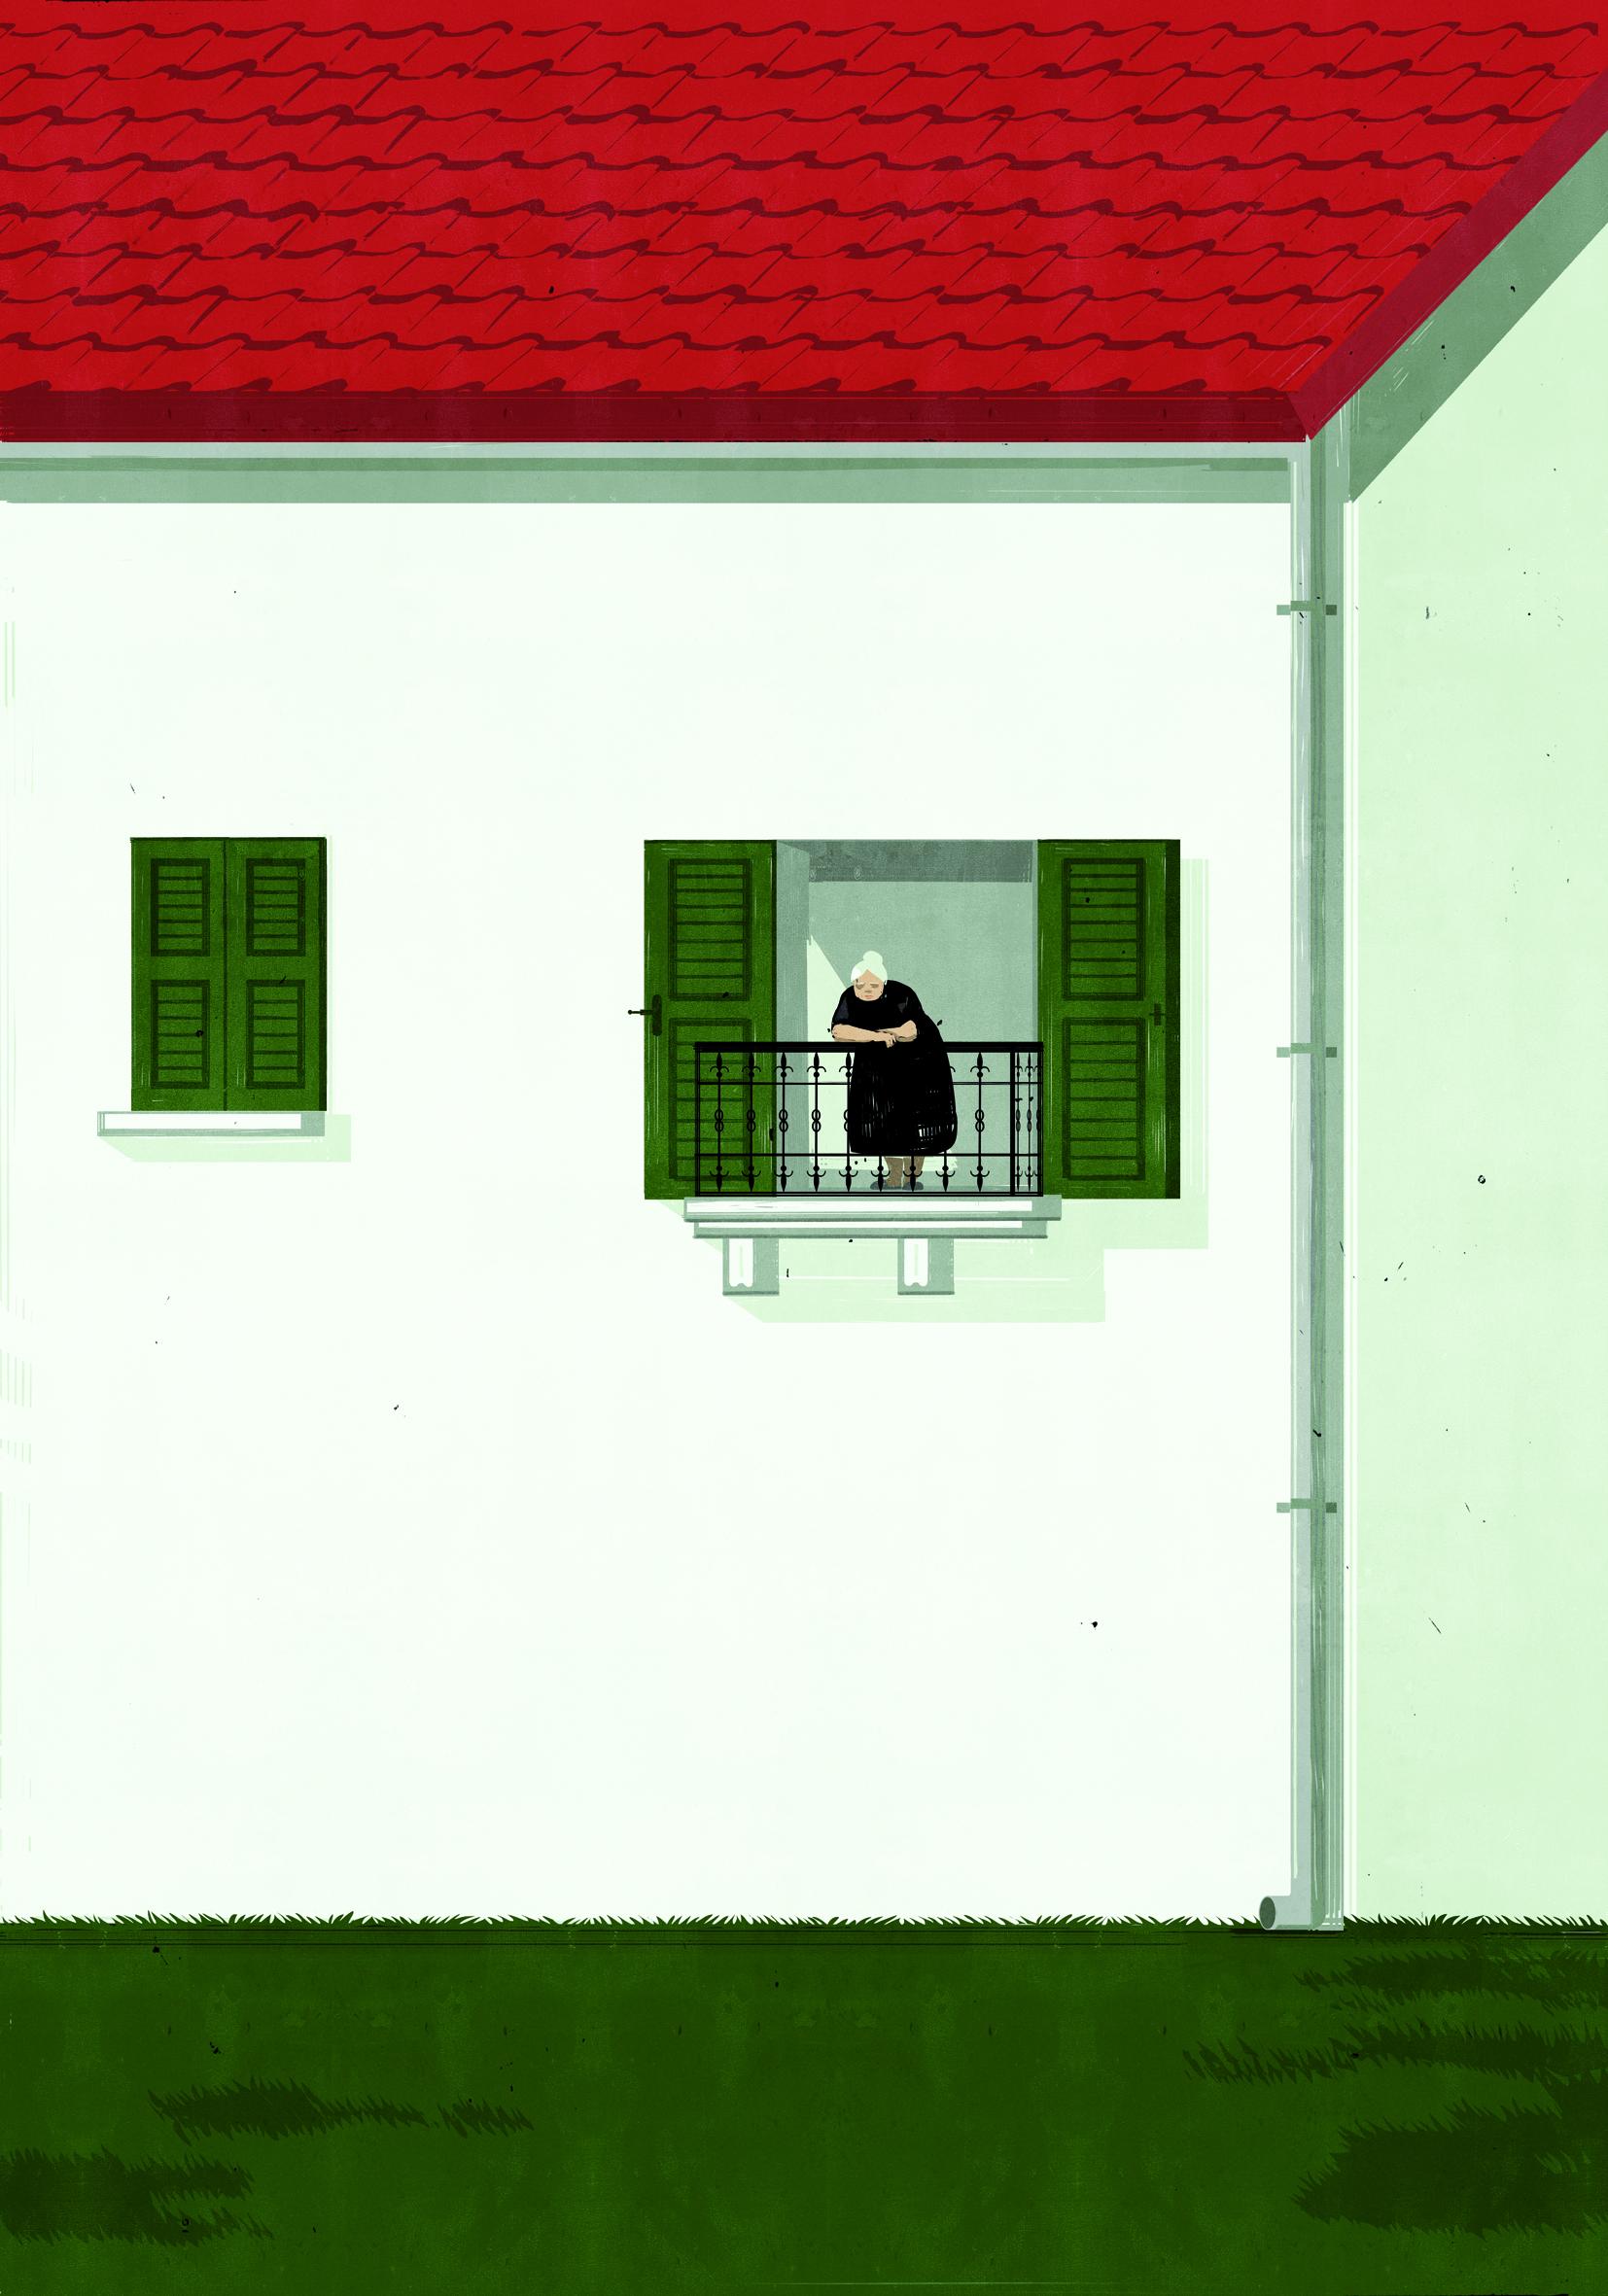 E' un paese per vecchi, immagine logo Komikazen 2012 by Shout